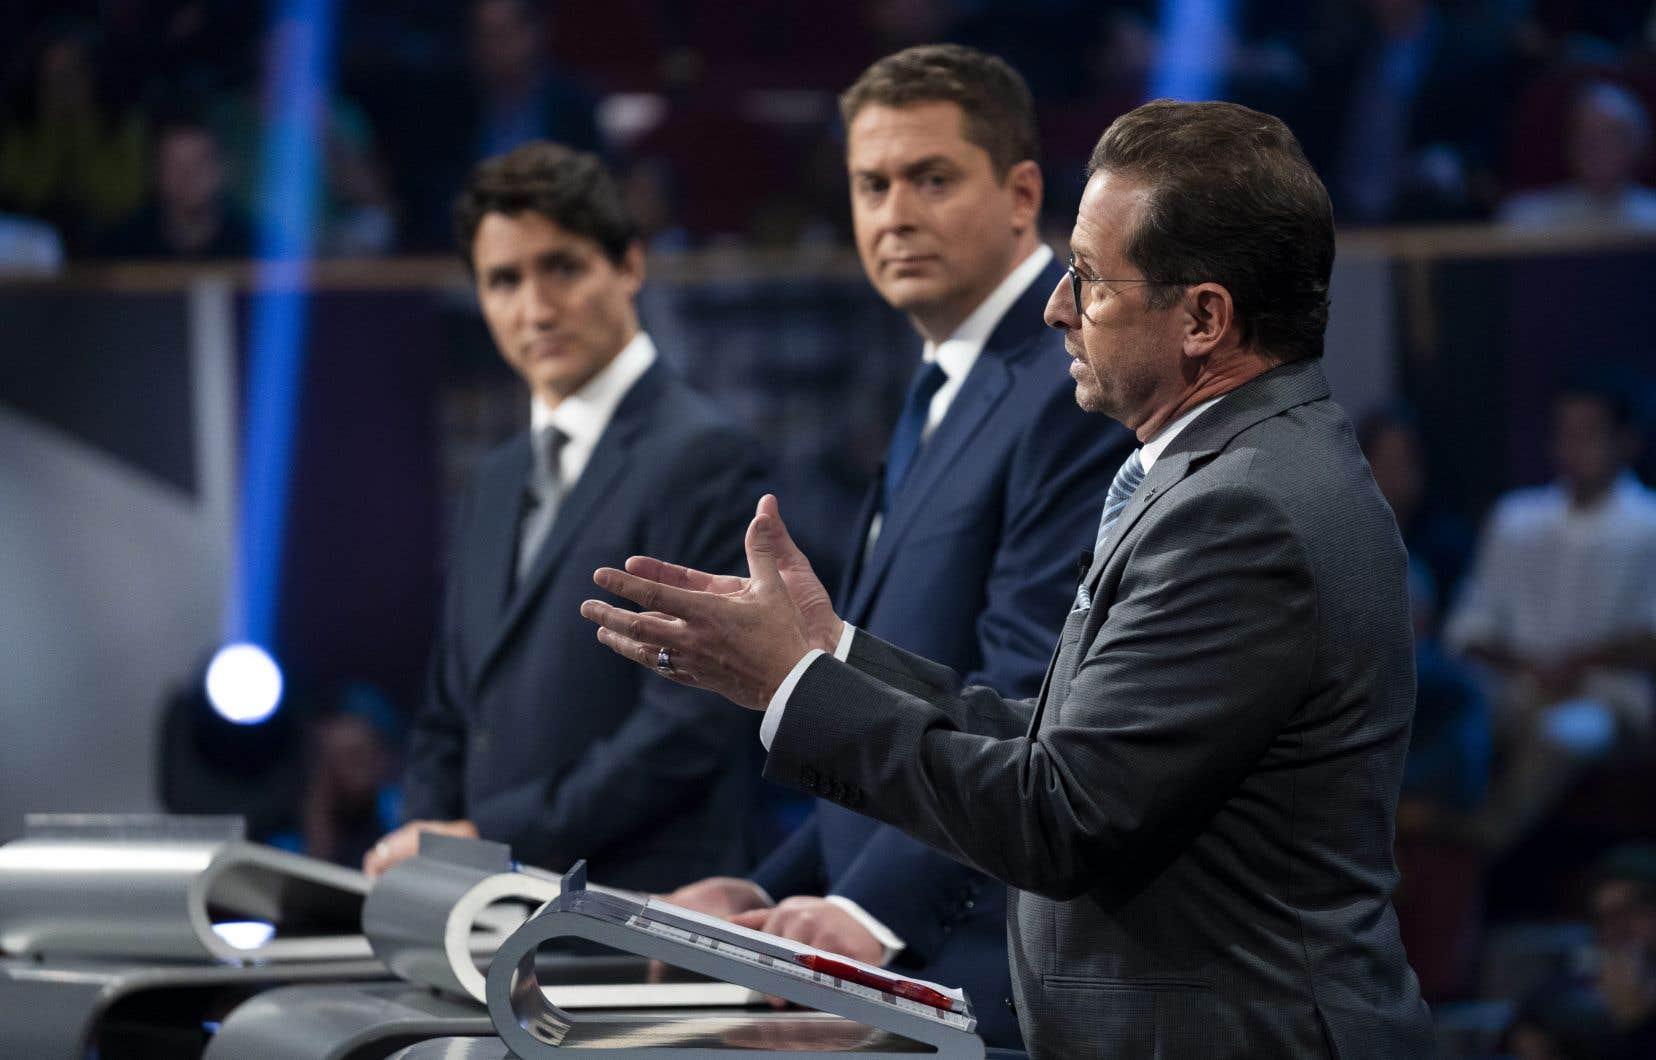 L'élan dont bénéficie le Bloc québécois dans la province ne réjouit pas MM. Scheer et Trudeau.